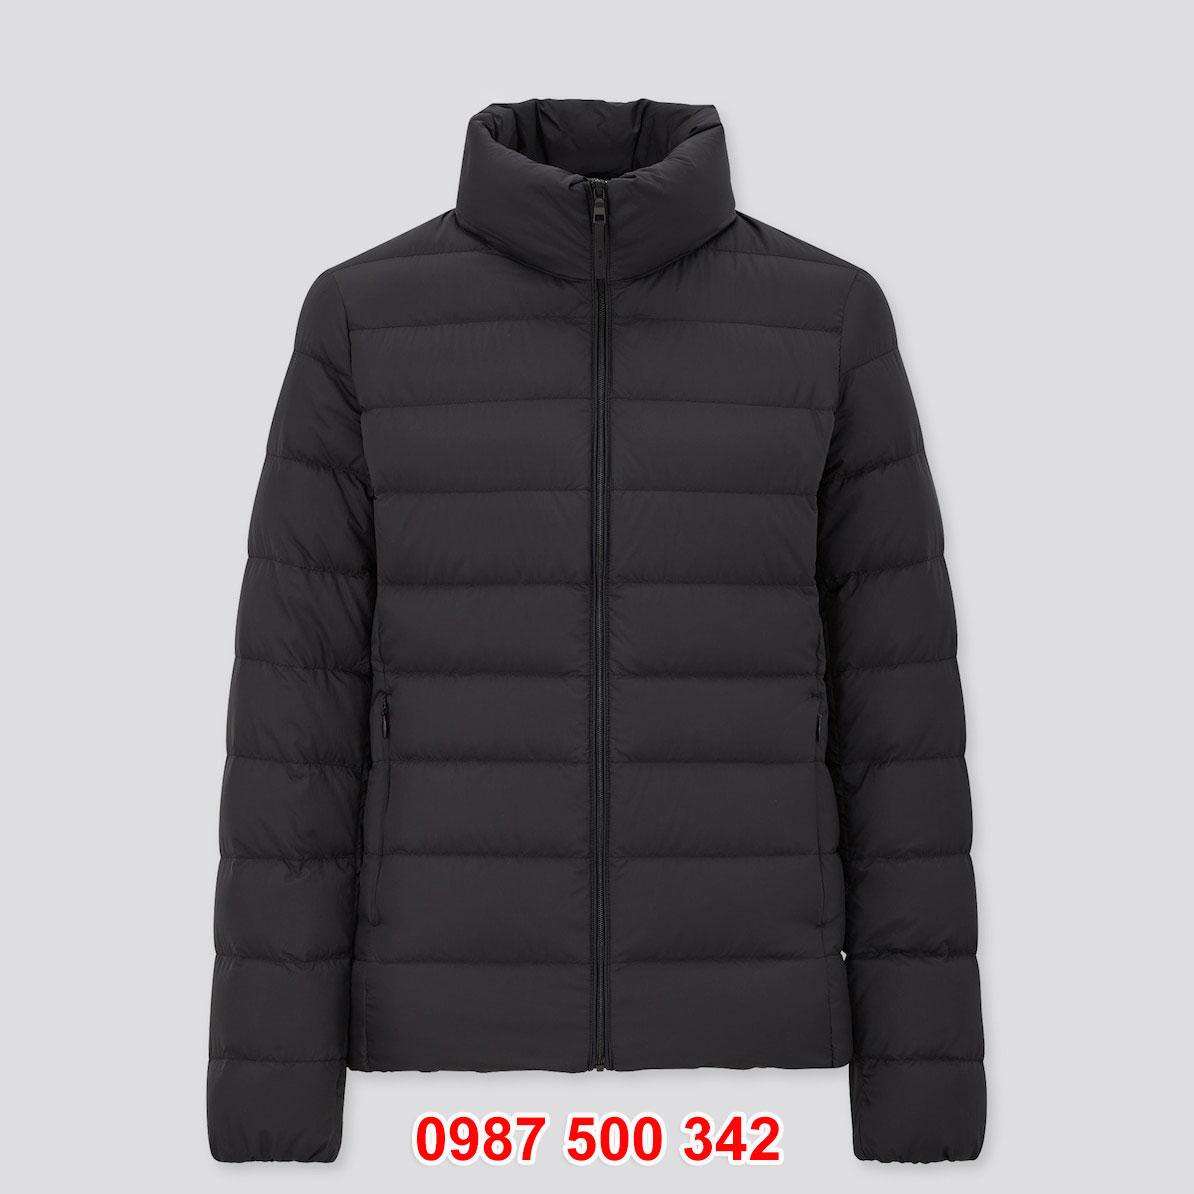 Áo lông vũ nữ không mũ Uniqlo 2020 – 2021 mã 429453 áo màu đen 09 BLACK